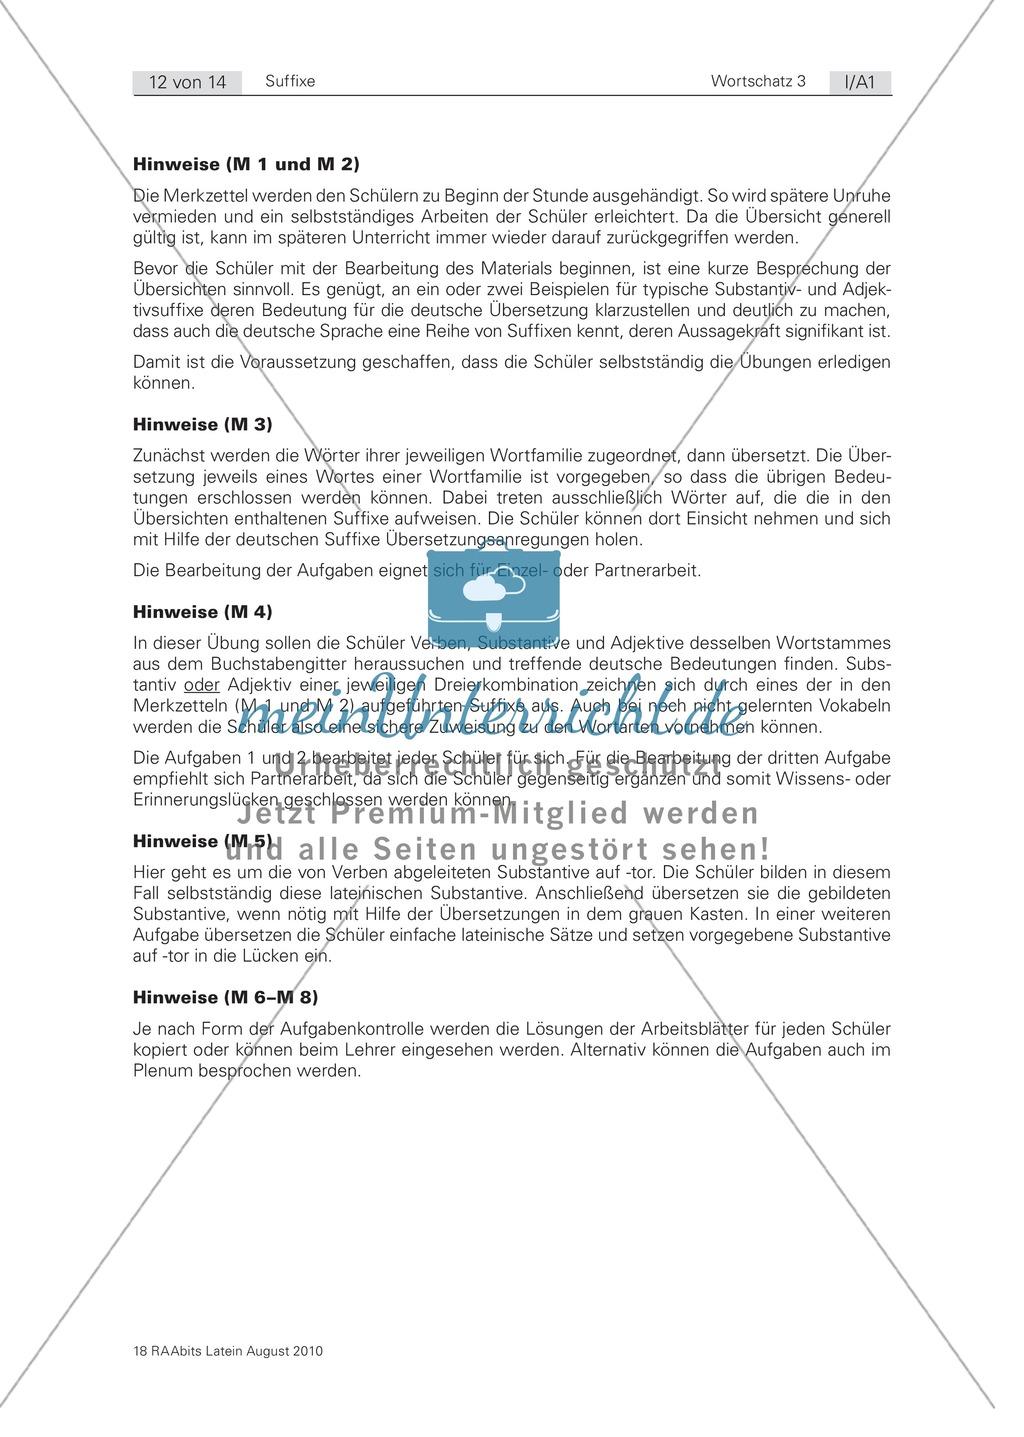 Outstanding Suffix Sätze Arbeitsblatt Model - Kindergarten ...